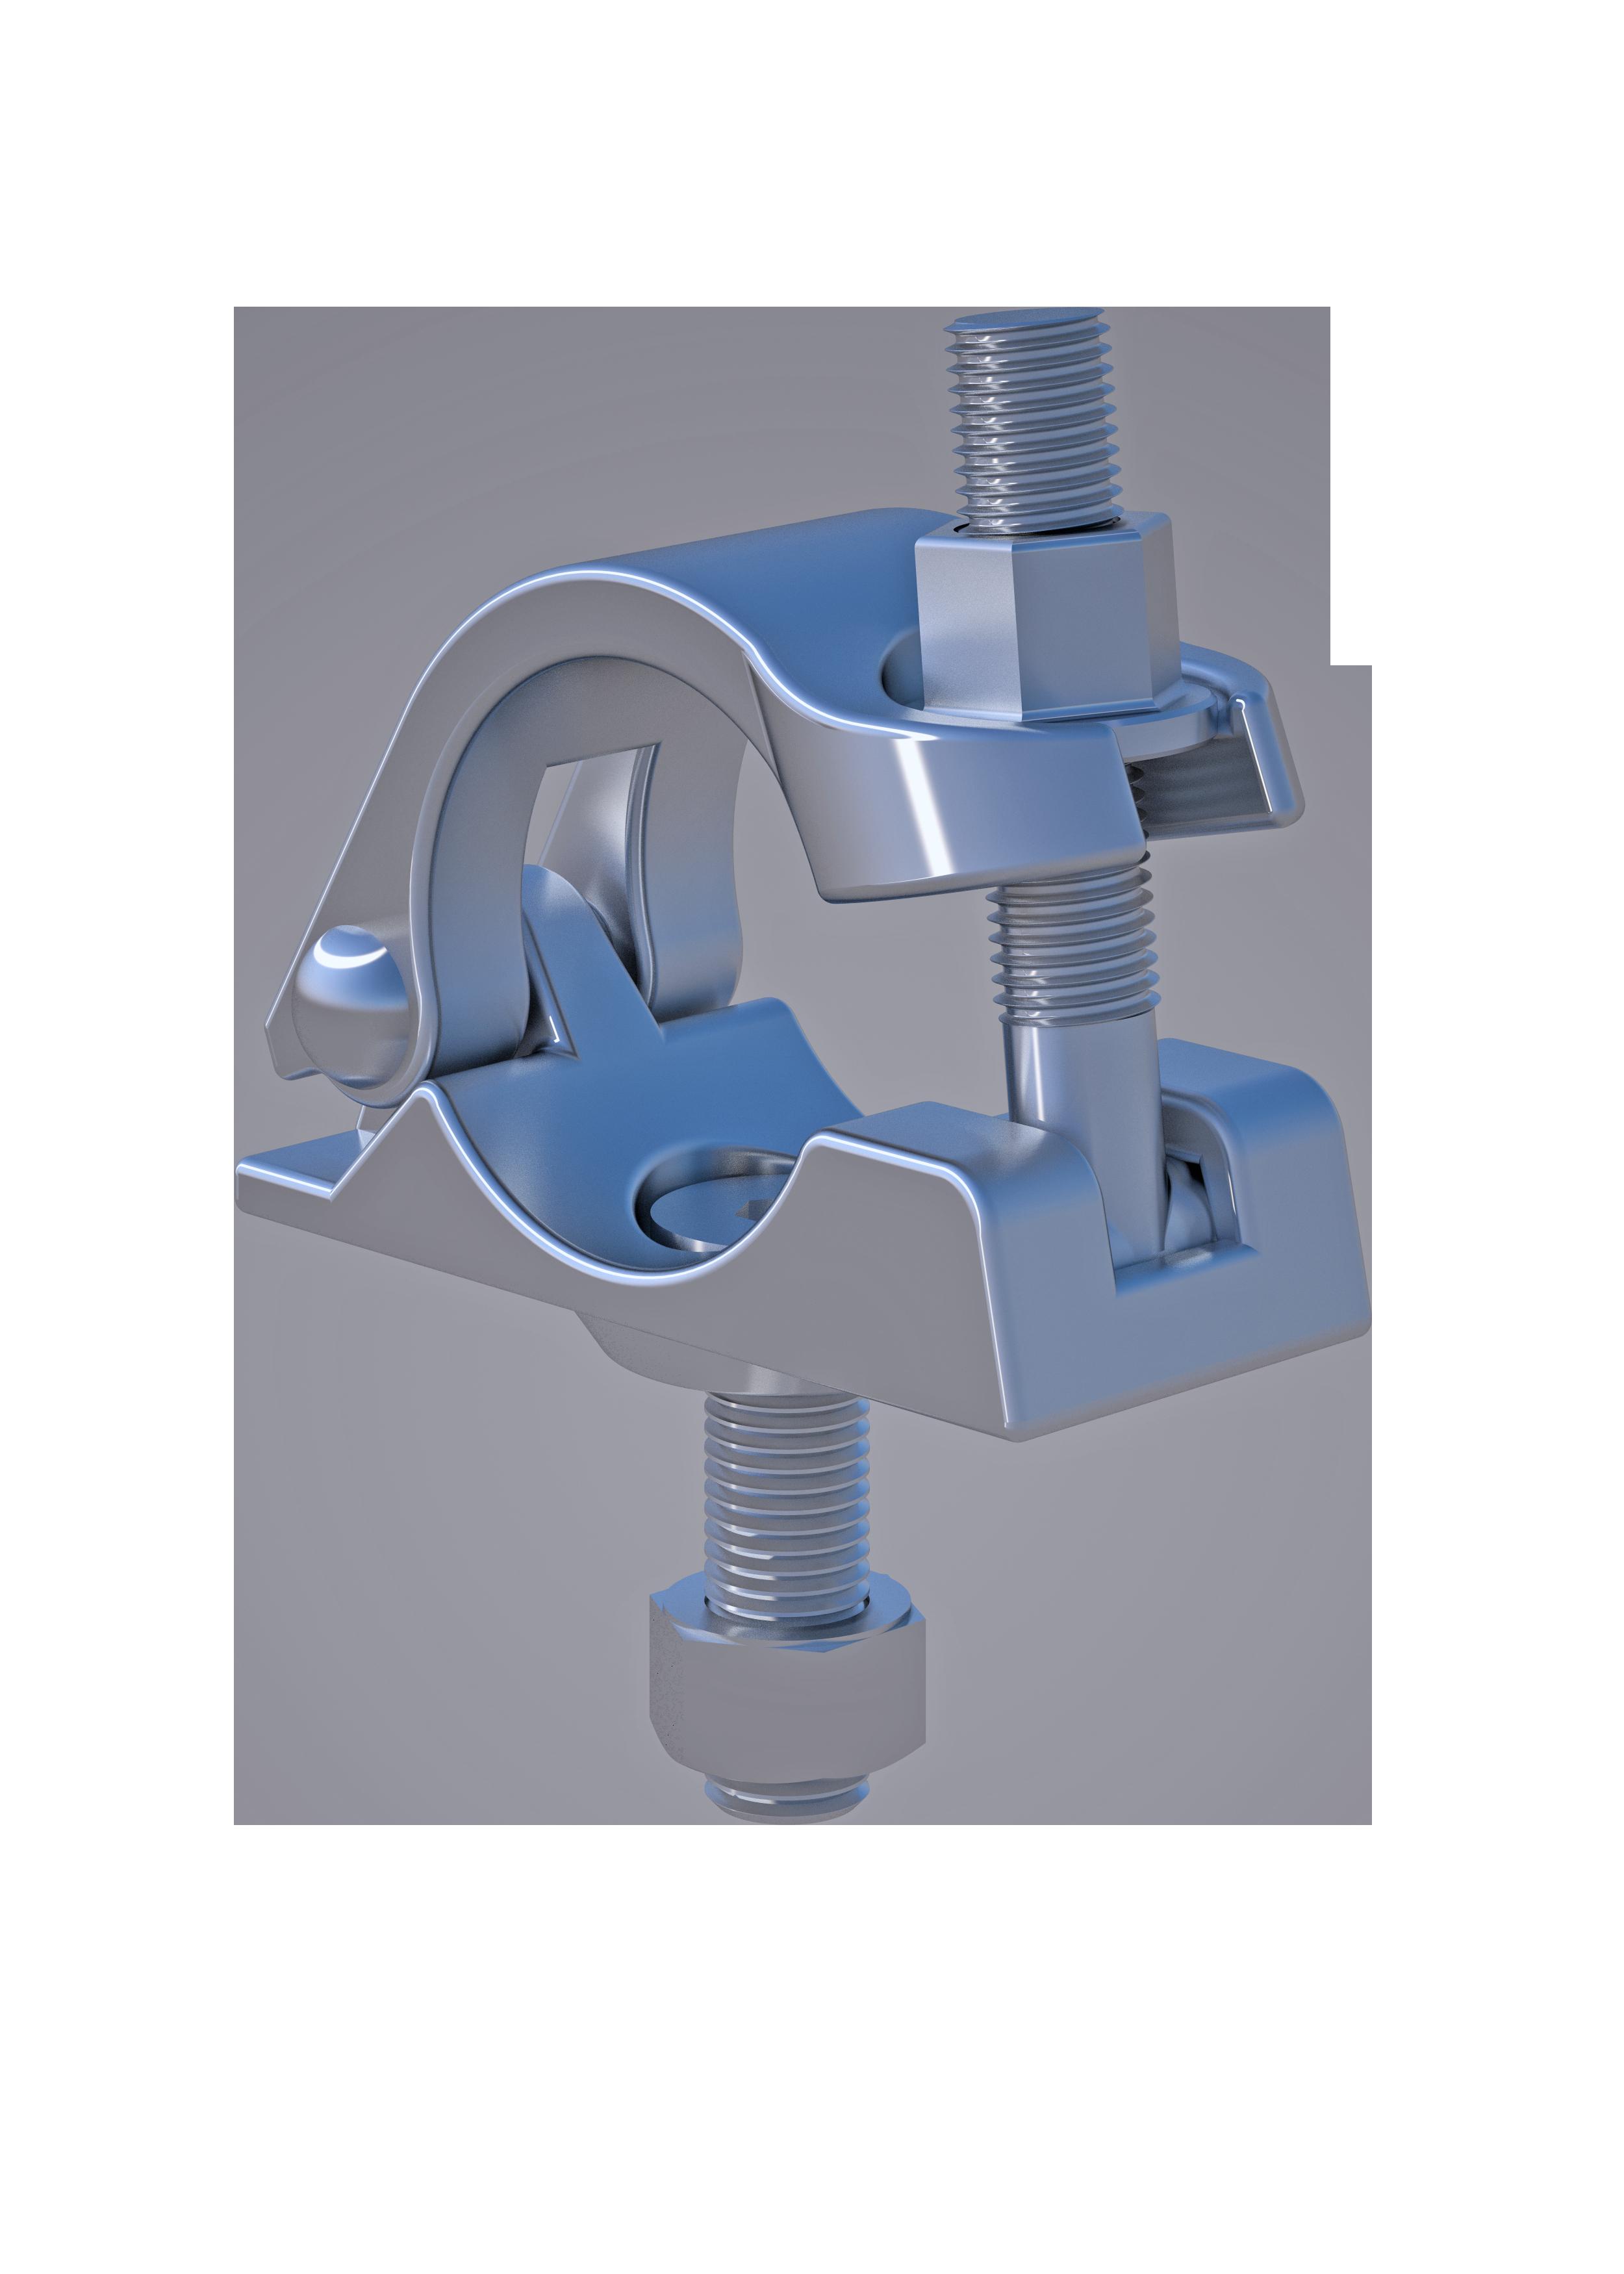 Anschraubkupplung, 48.3 mm, SW 22mm